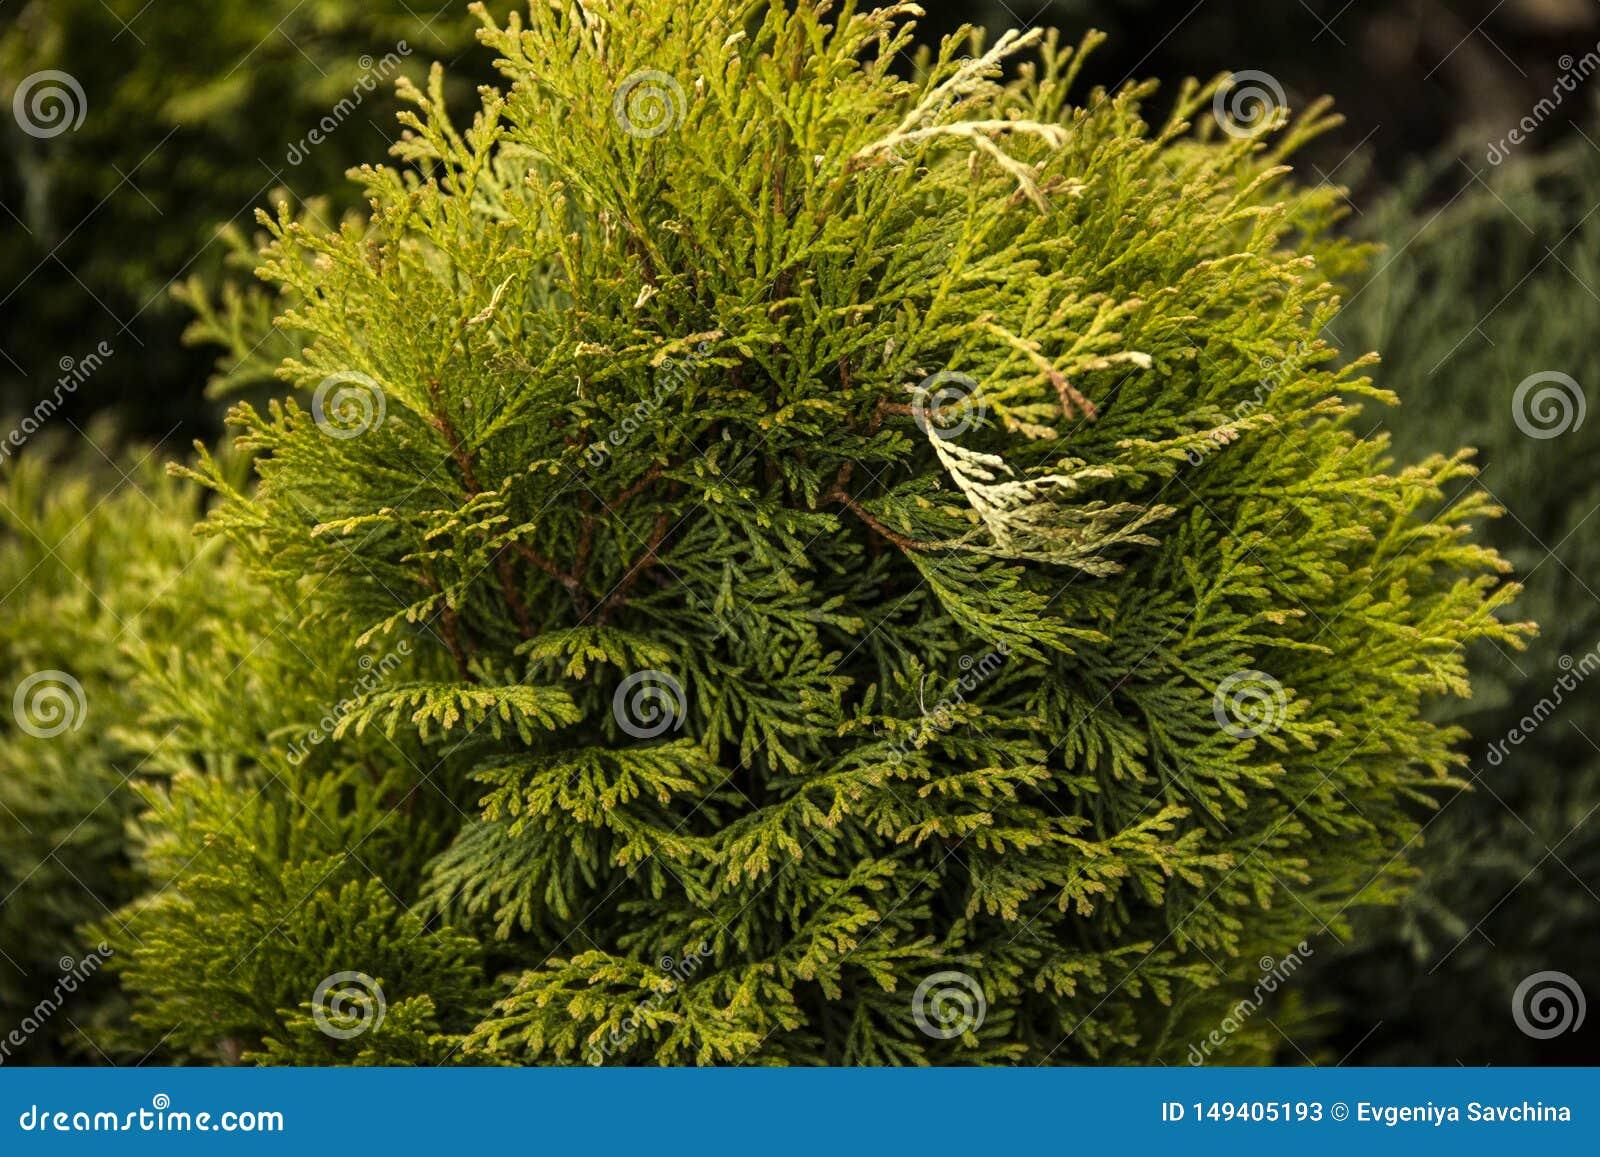 Ветви зеленого Tui загорены солнечным светом